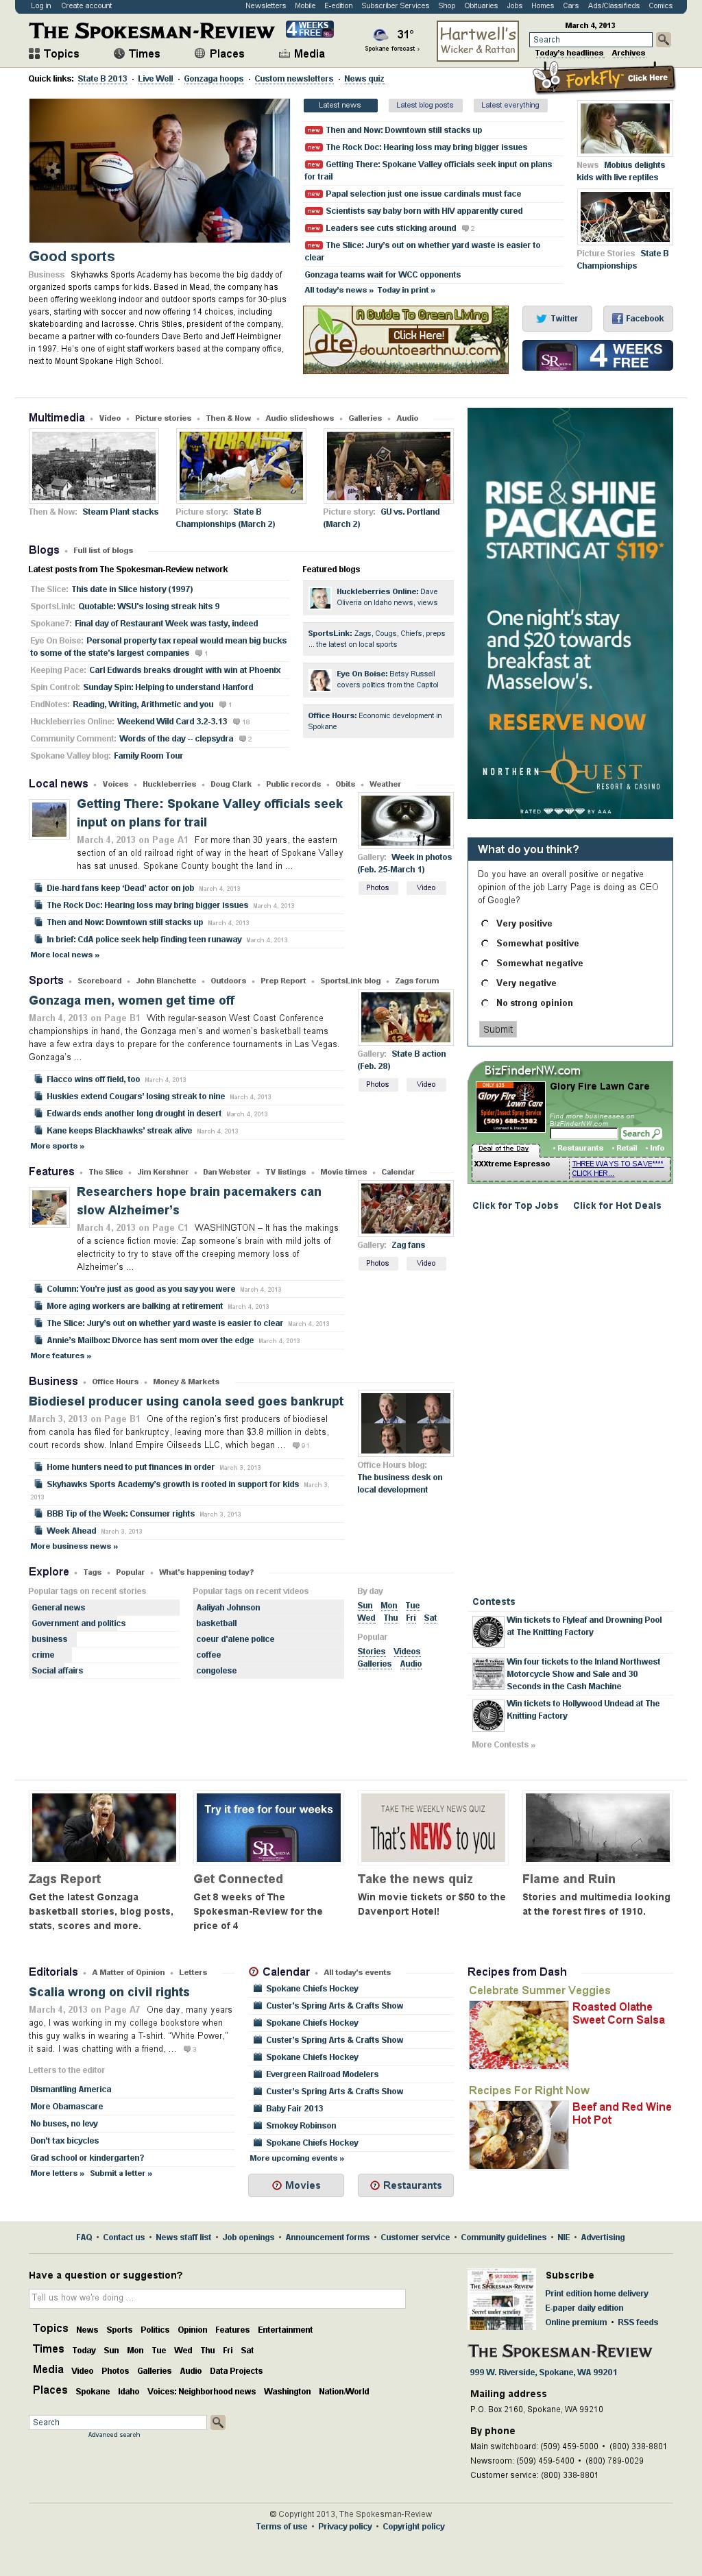 The (Spokane) Spokesman-Review at Monday March 4, 2013, 10:19 a.m. UTC